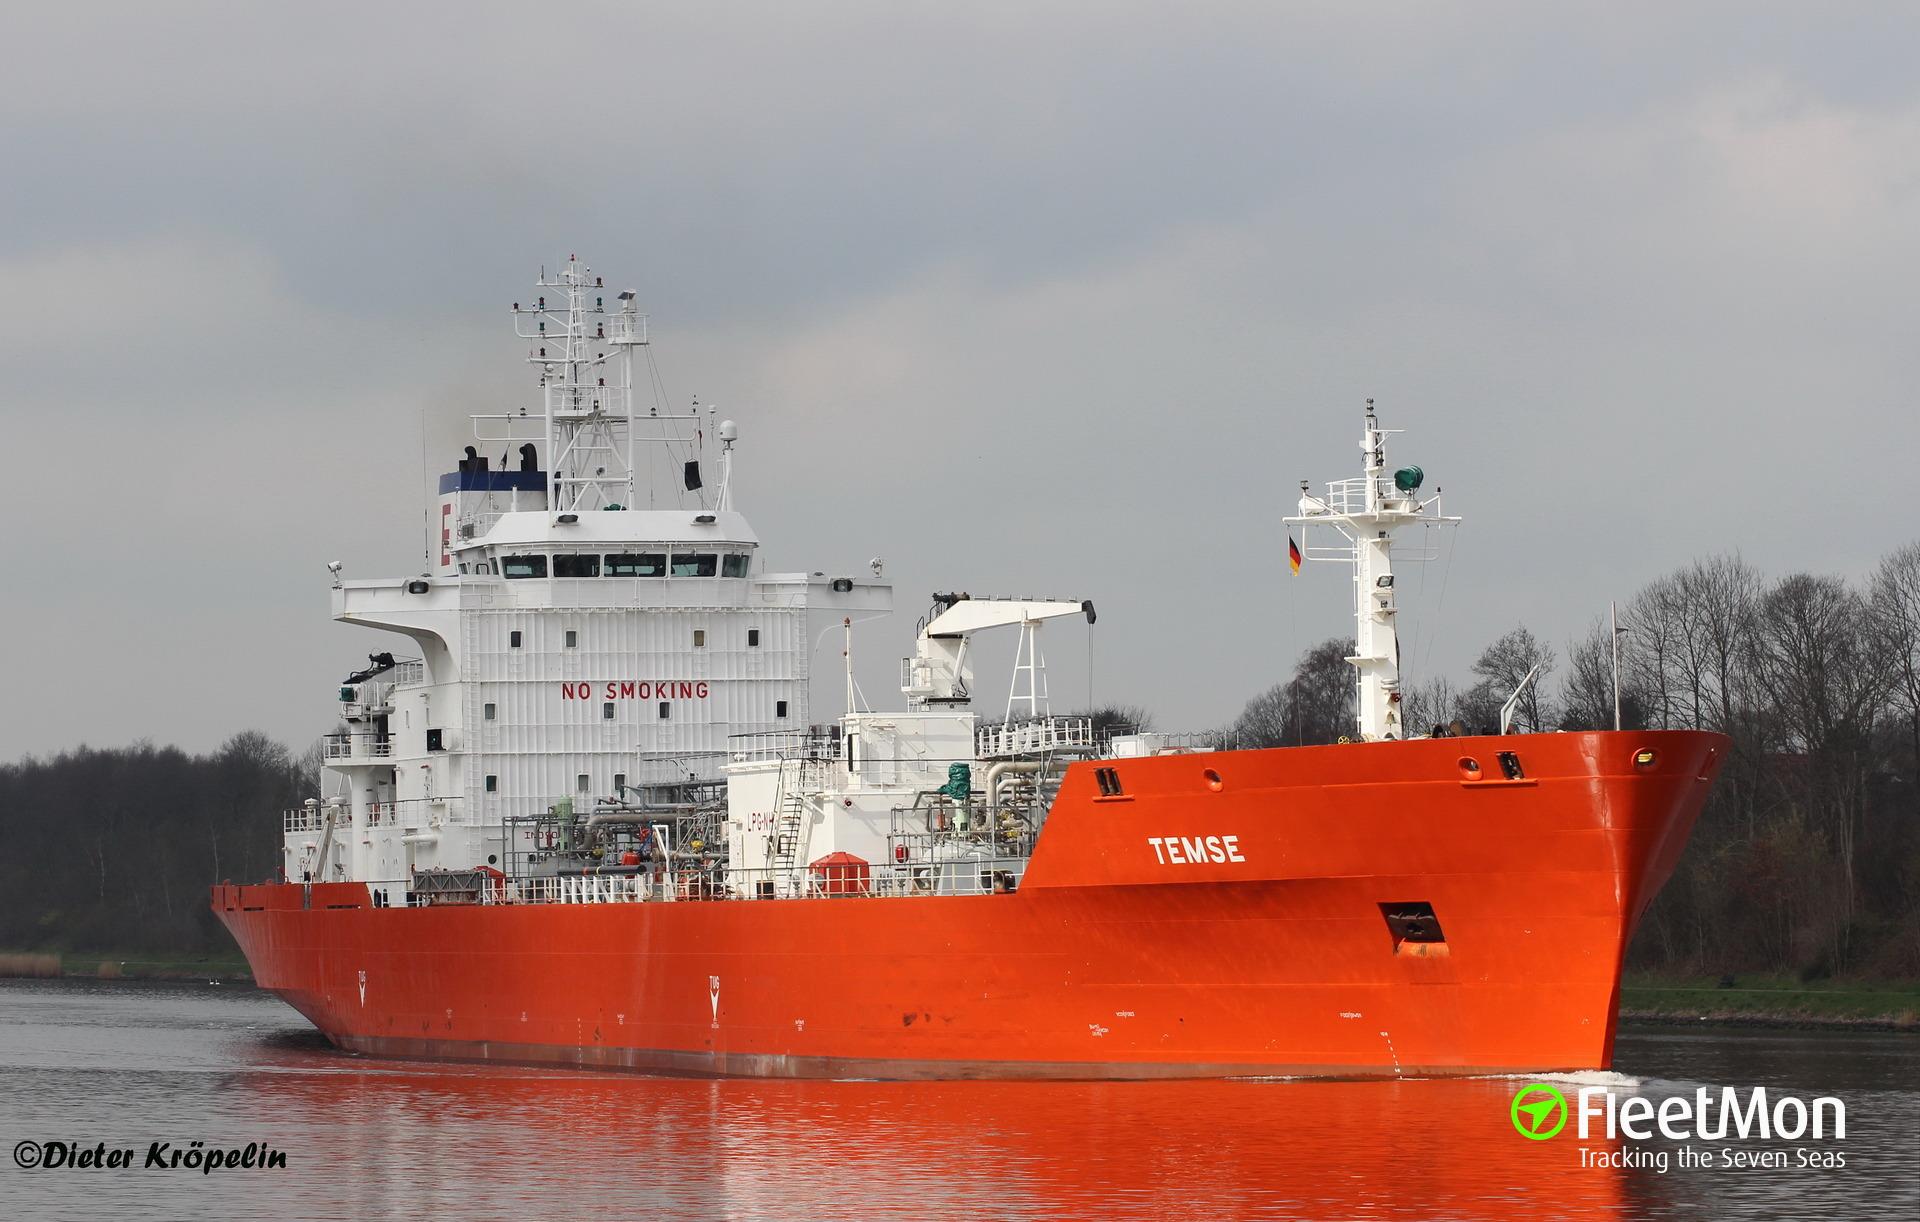 LPG tanker Kemira Gas grounded on Kiel Canal embankment